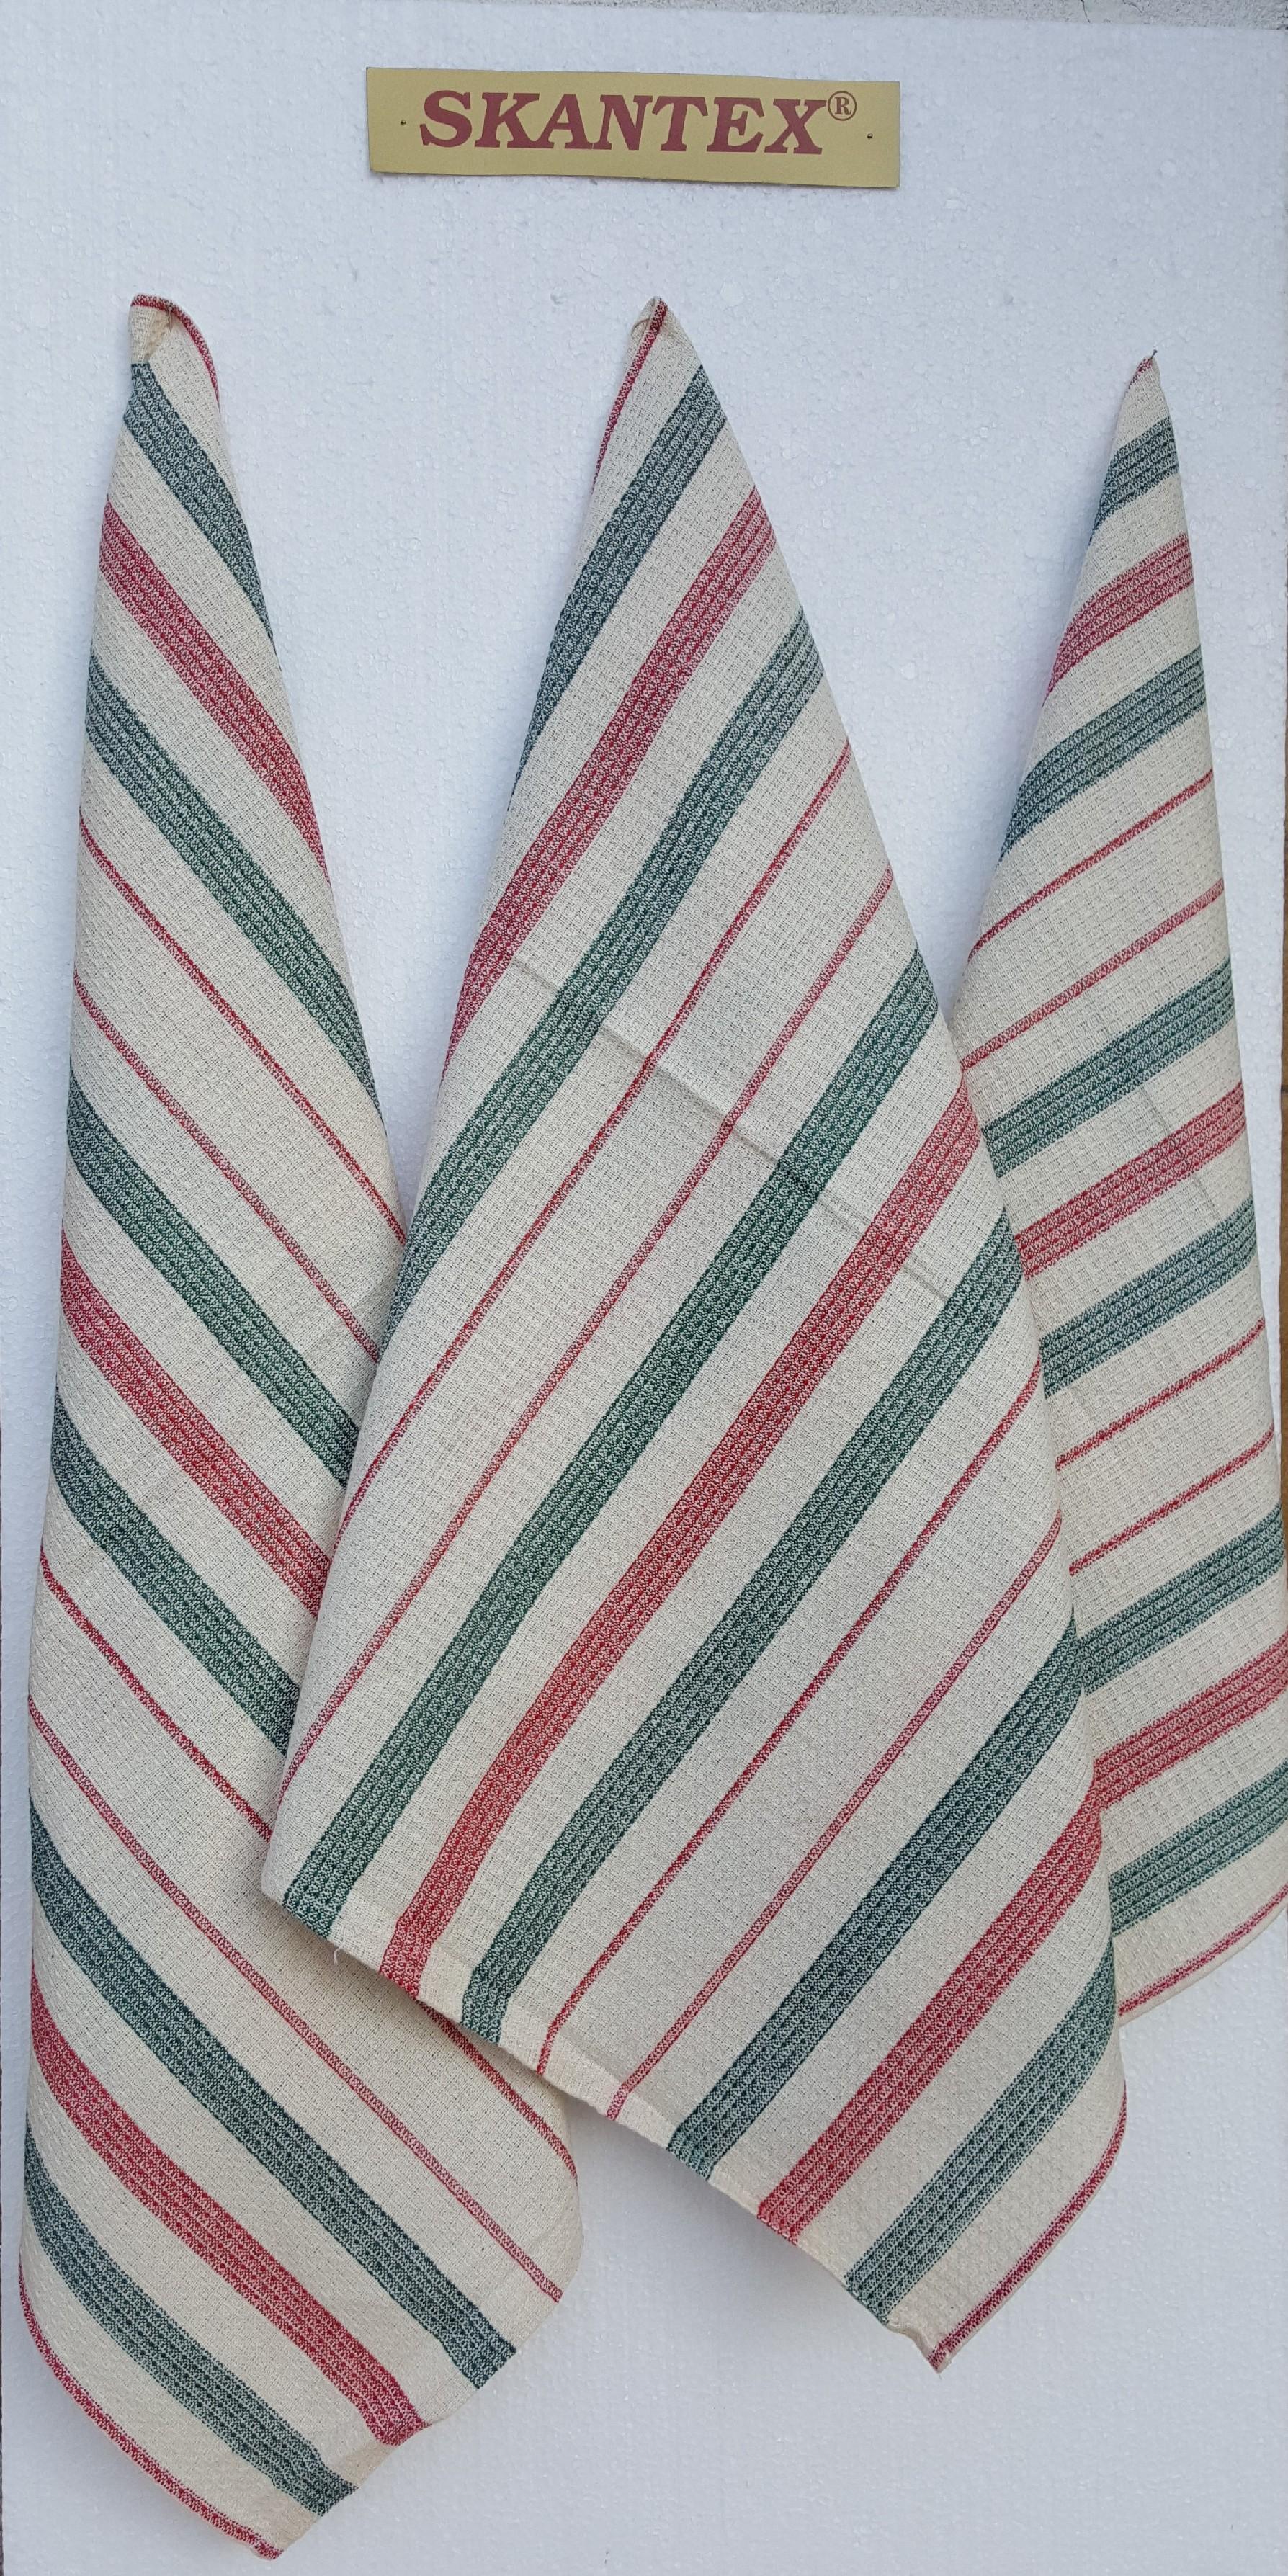 SKANTEX Pracovní ručník - barevný proužek barva: červeno-zelený proužek